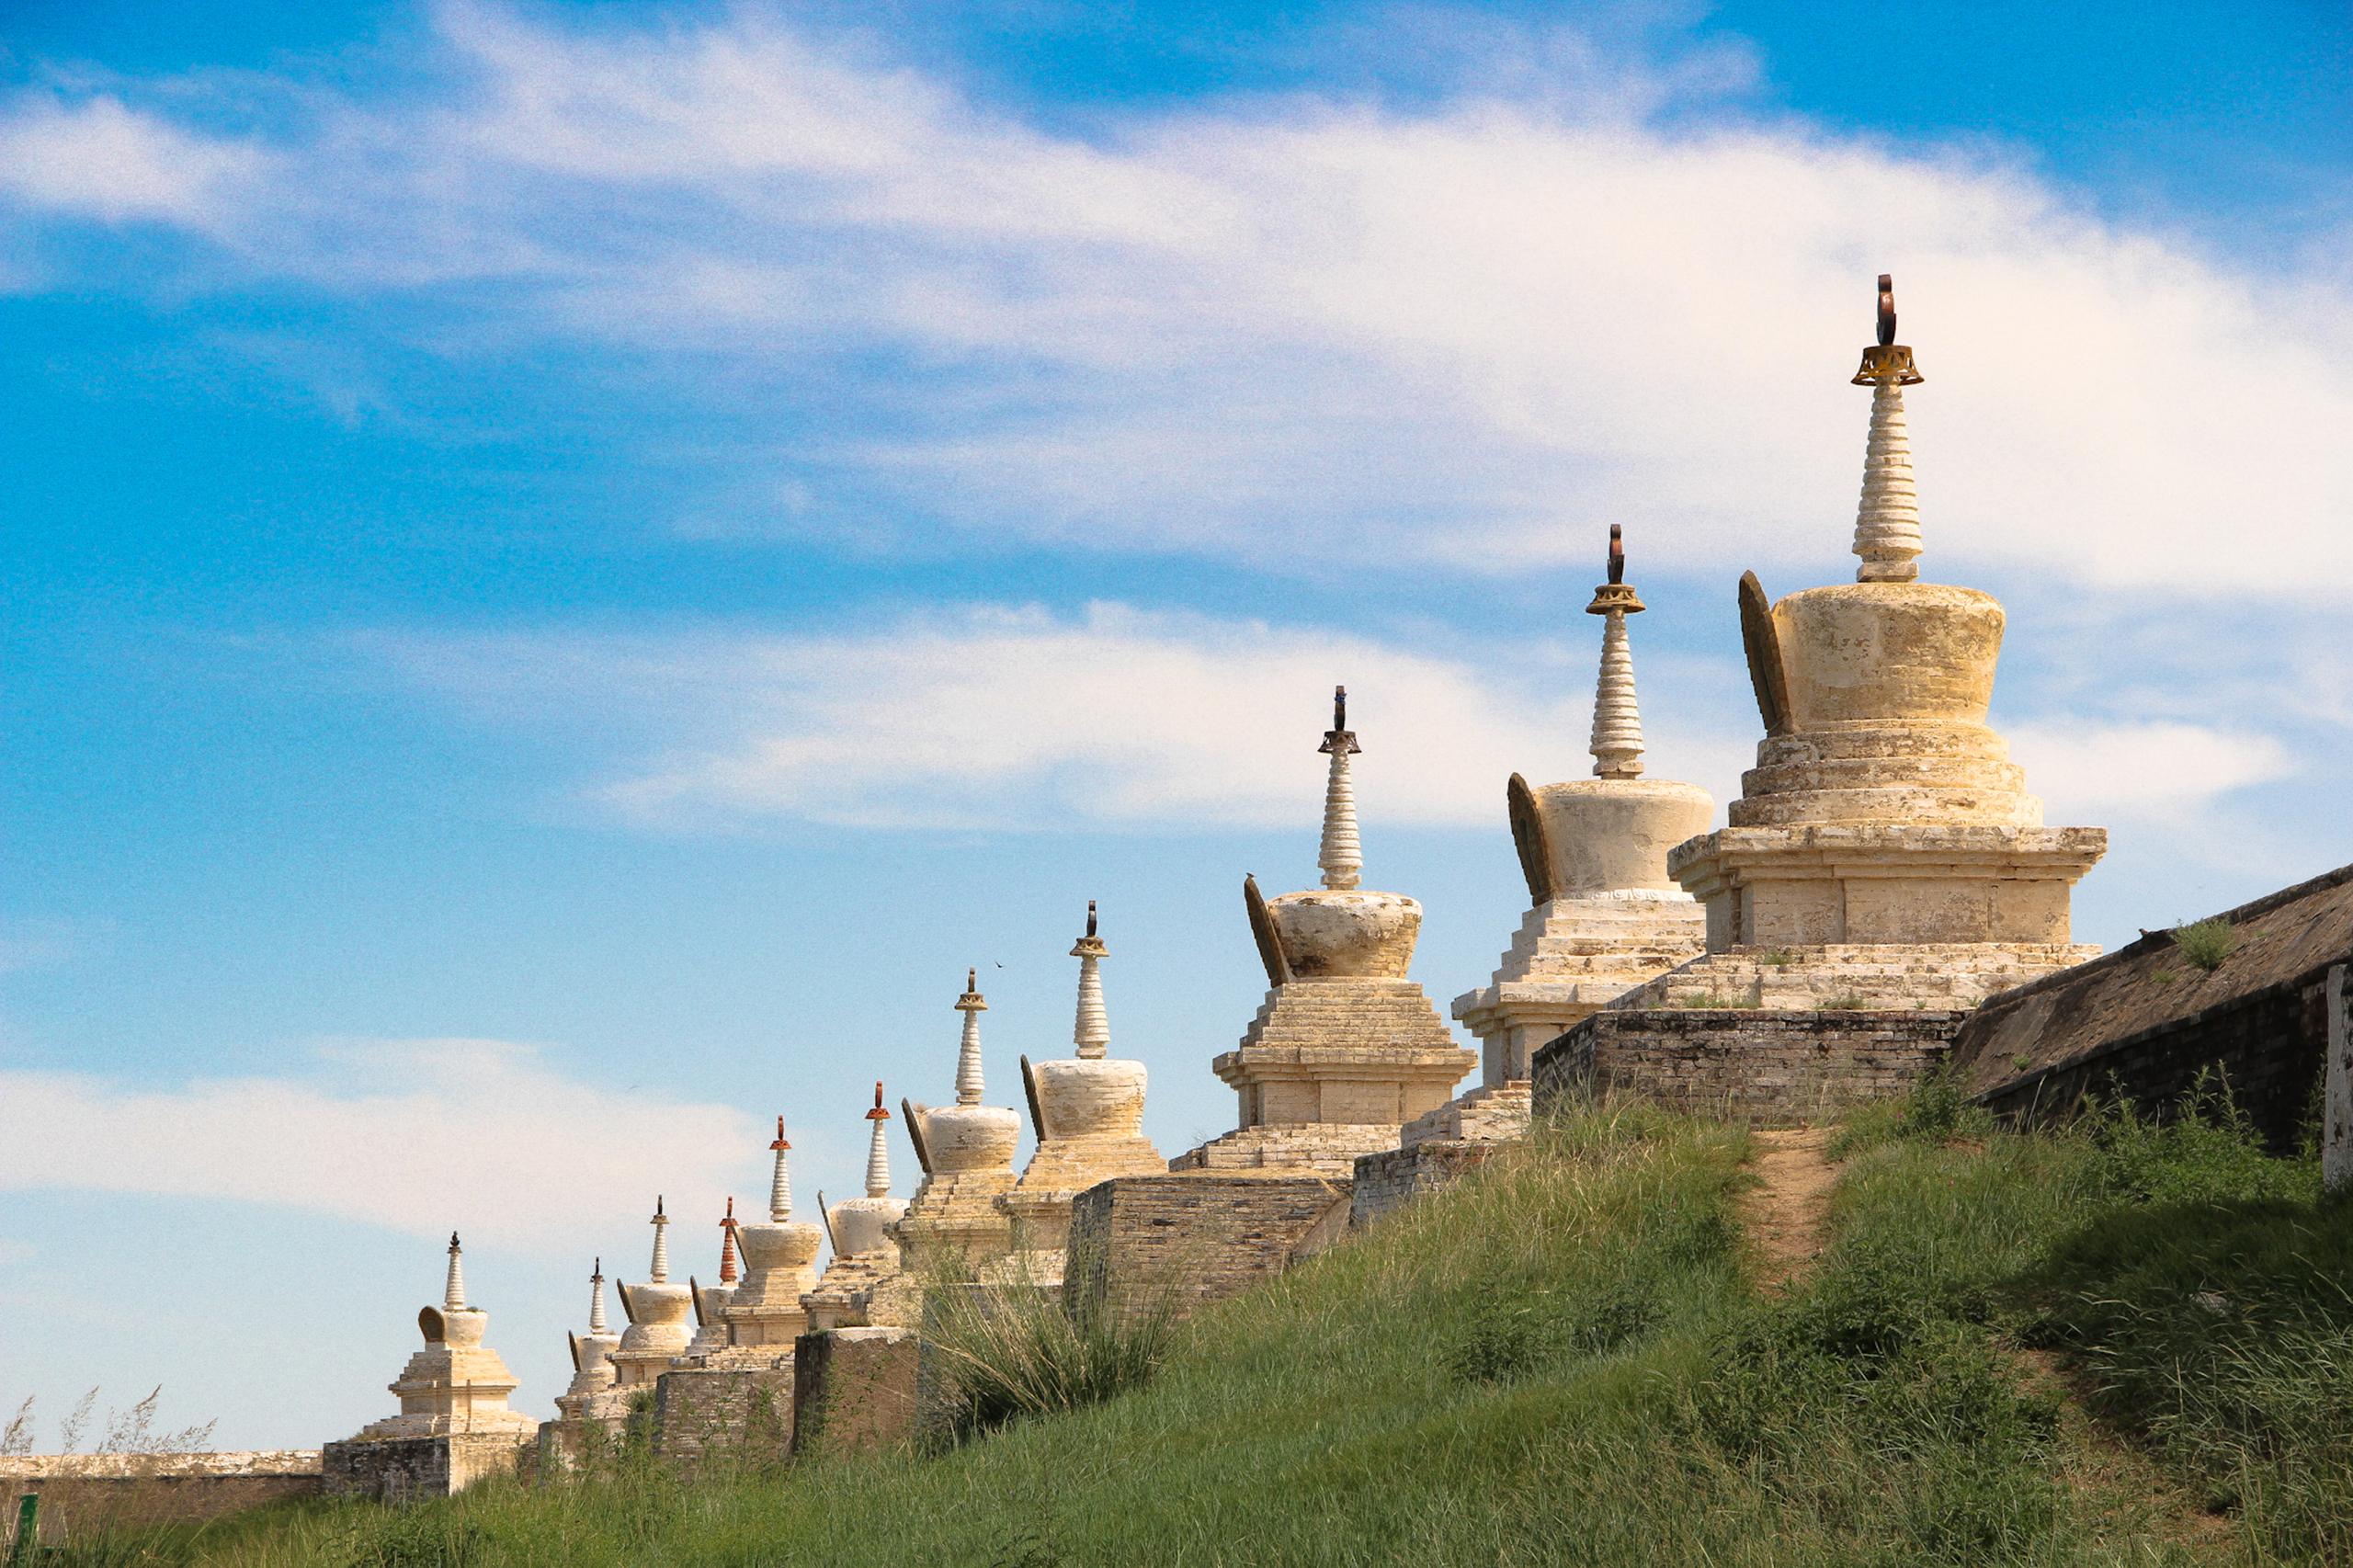 Nomadic Impressions - Mongolia, Kharakhorum, Ancient Sites